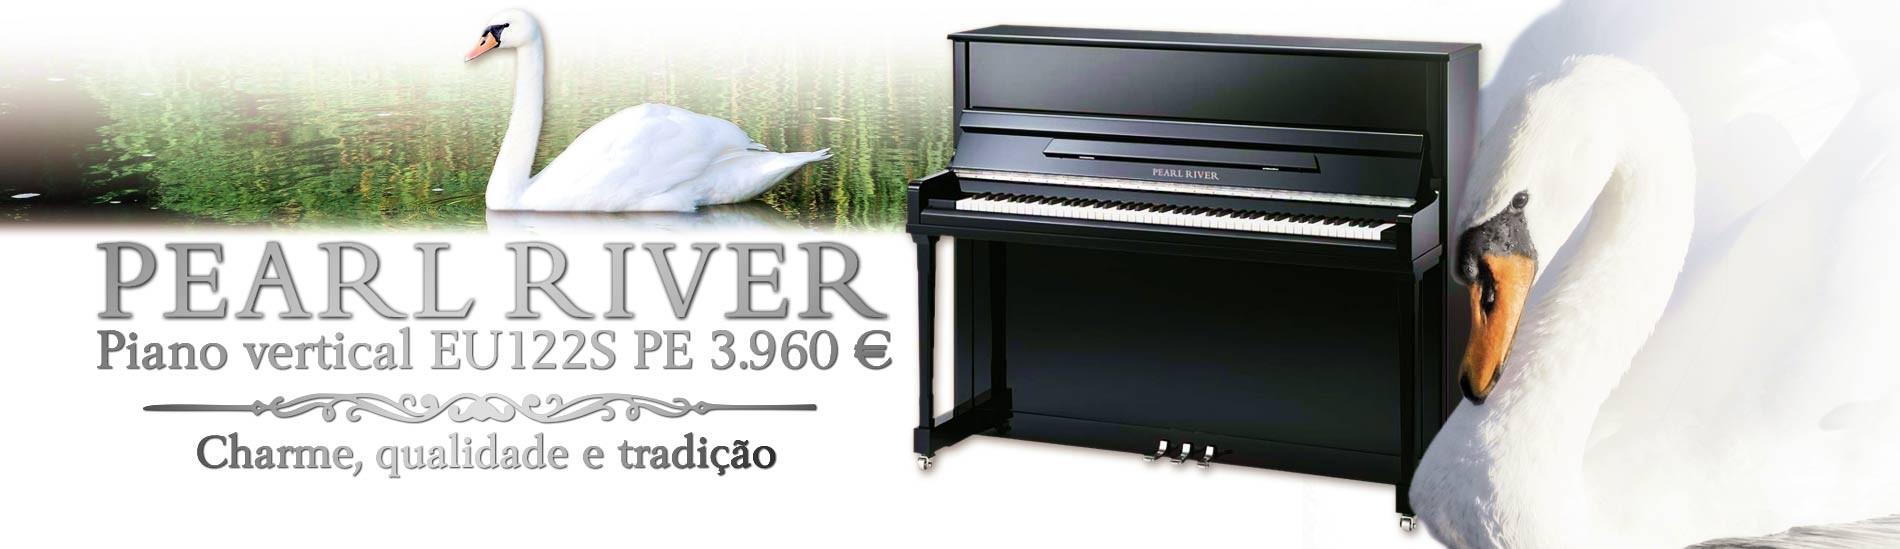 Piano Vertical Pearl River EU122S PE Preto Polido Premium Profissional